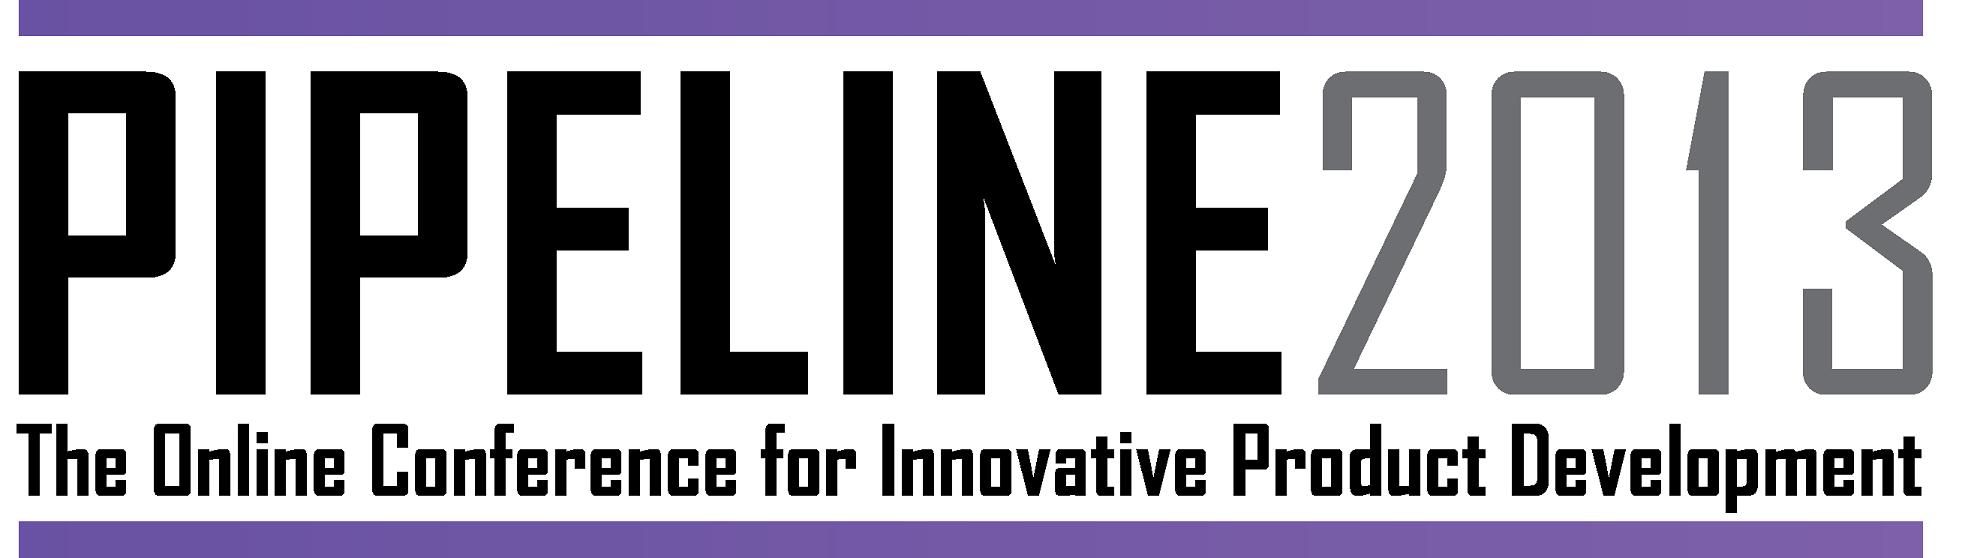 Pipeline 2013